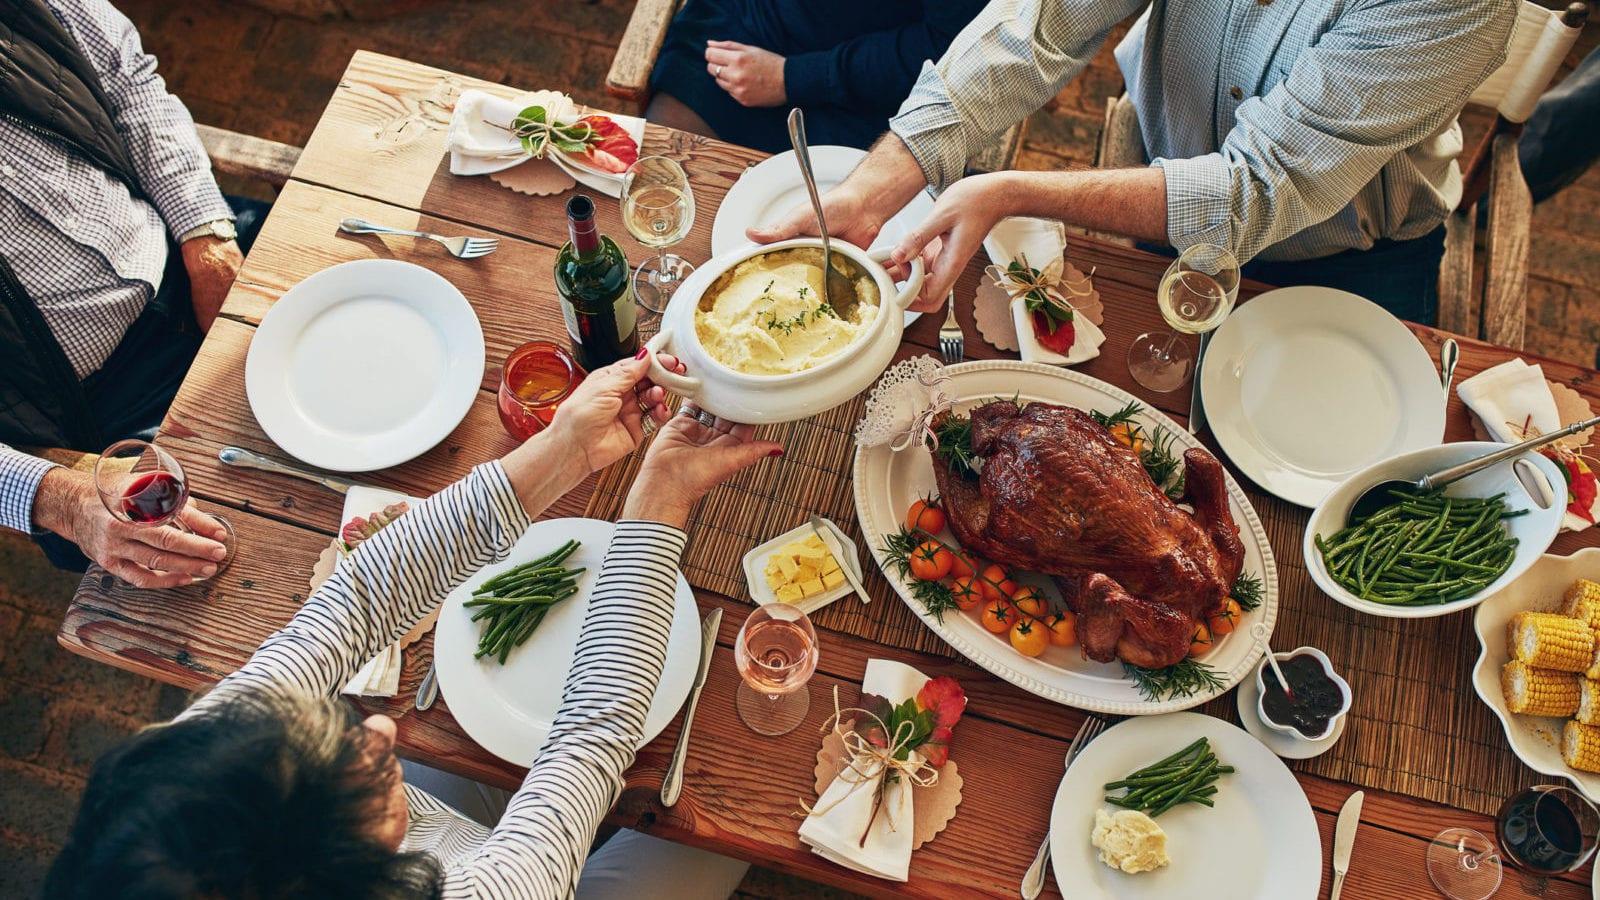 Family Thanksgiving Stock Photo